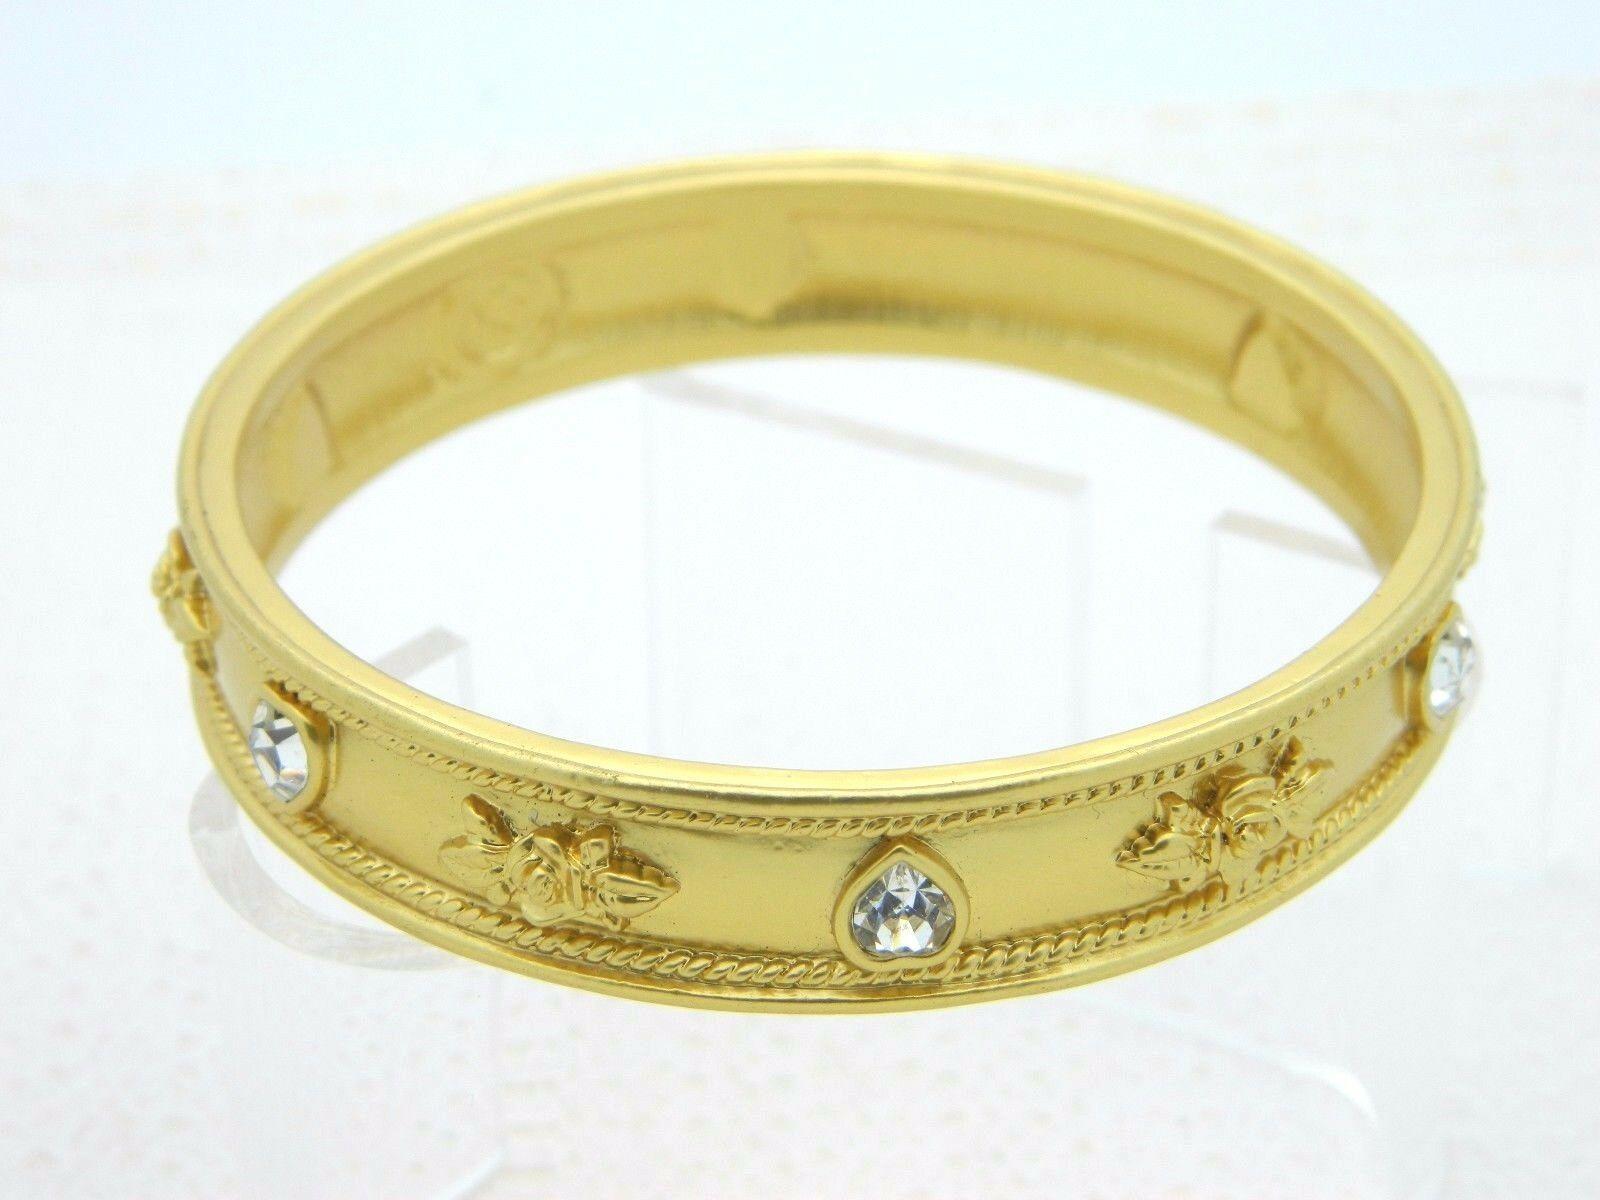 Elizabeth Taylor Avon LOVE BLOOMS Roses & Hearts 22K GP Vintage Bangle Bracelet image 2